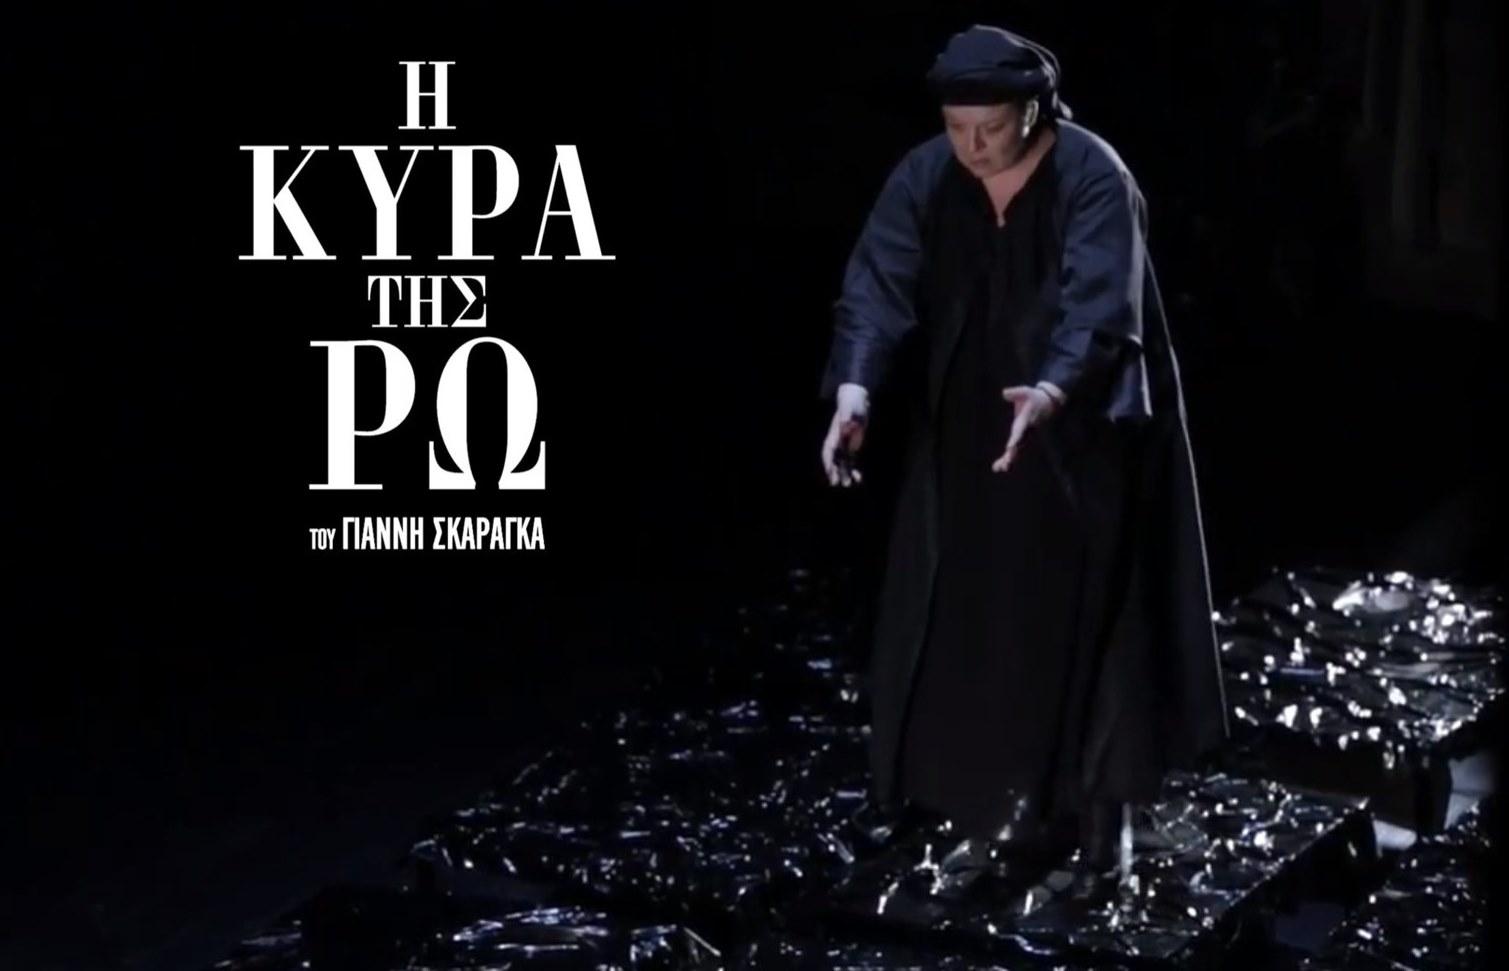 ΜΟΝΟ 8€ για είσοδο στον αριστουργηματικό θεατρικό μονόλογο ''Η Κυρά της Ρω'', με τη Φωτεινή Μπαξεβάνη στον ομώνυμο ρόλο, στο θέατρο Ροές